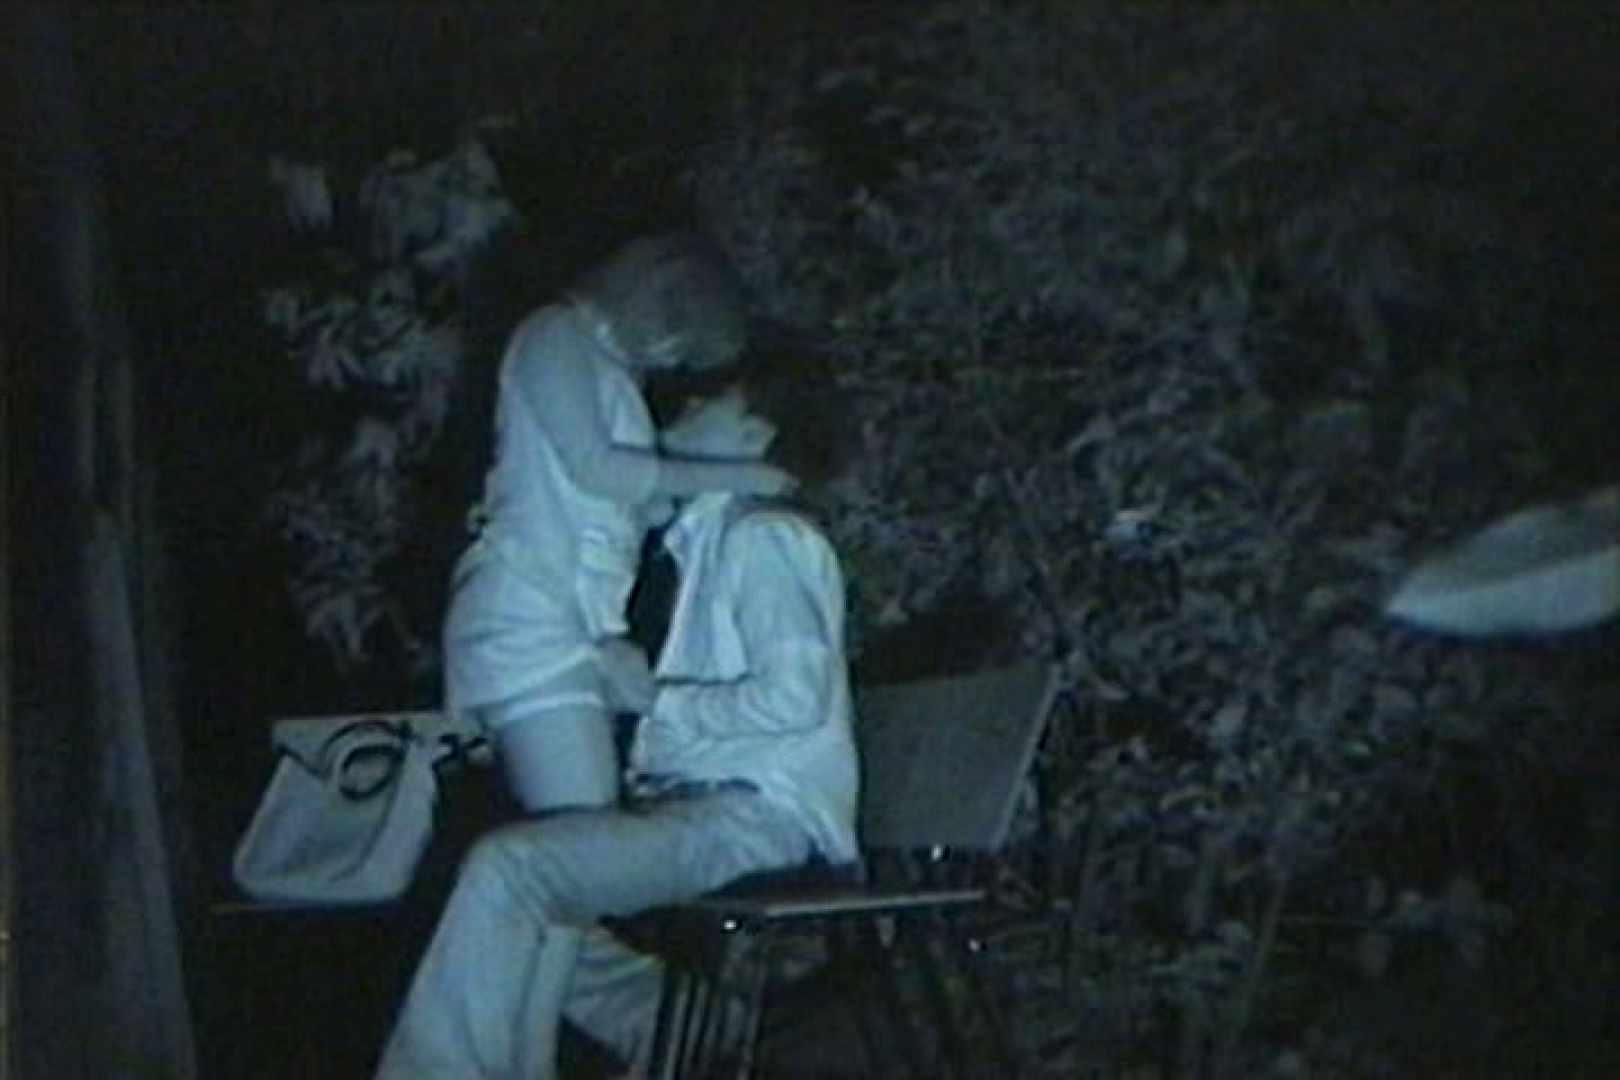 闇の仕掛け人 無修正版 Vol.24 ホテル隠し撮り 隠し撮りオマンコ動画紹介 101pic 98